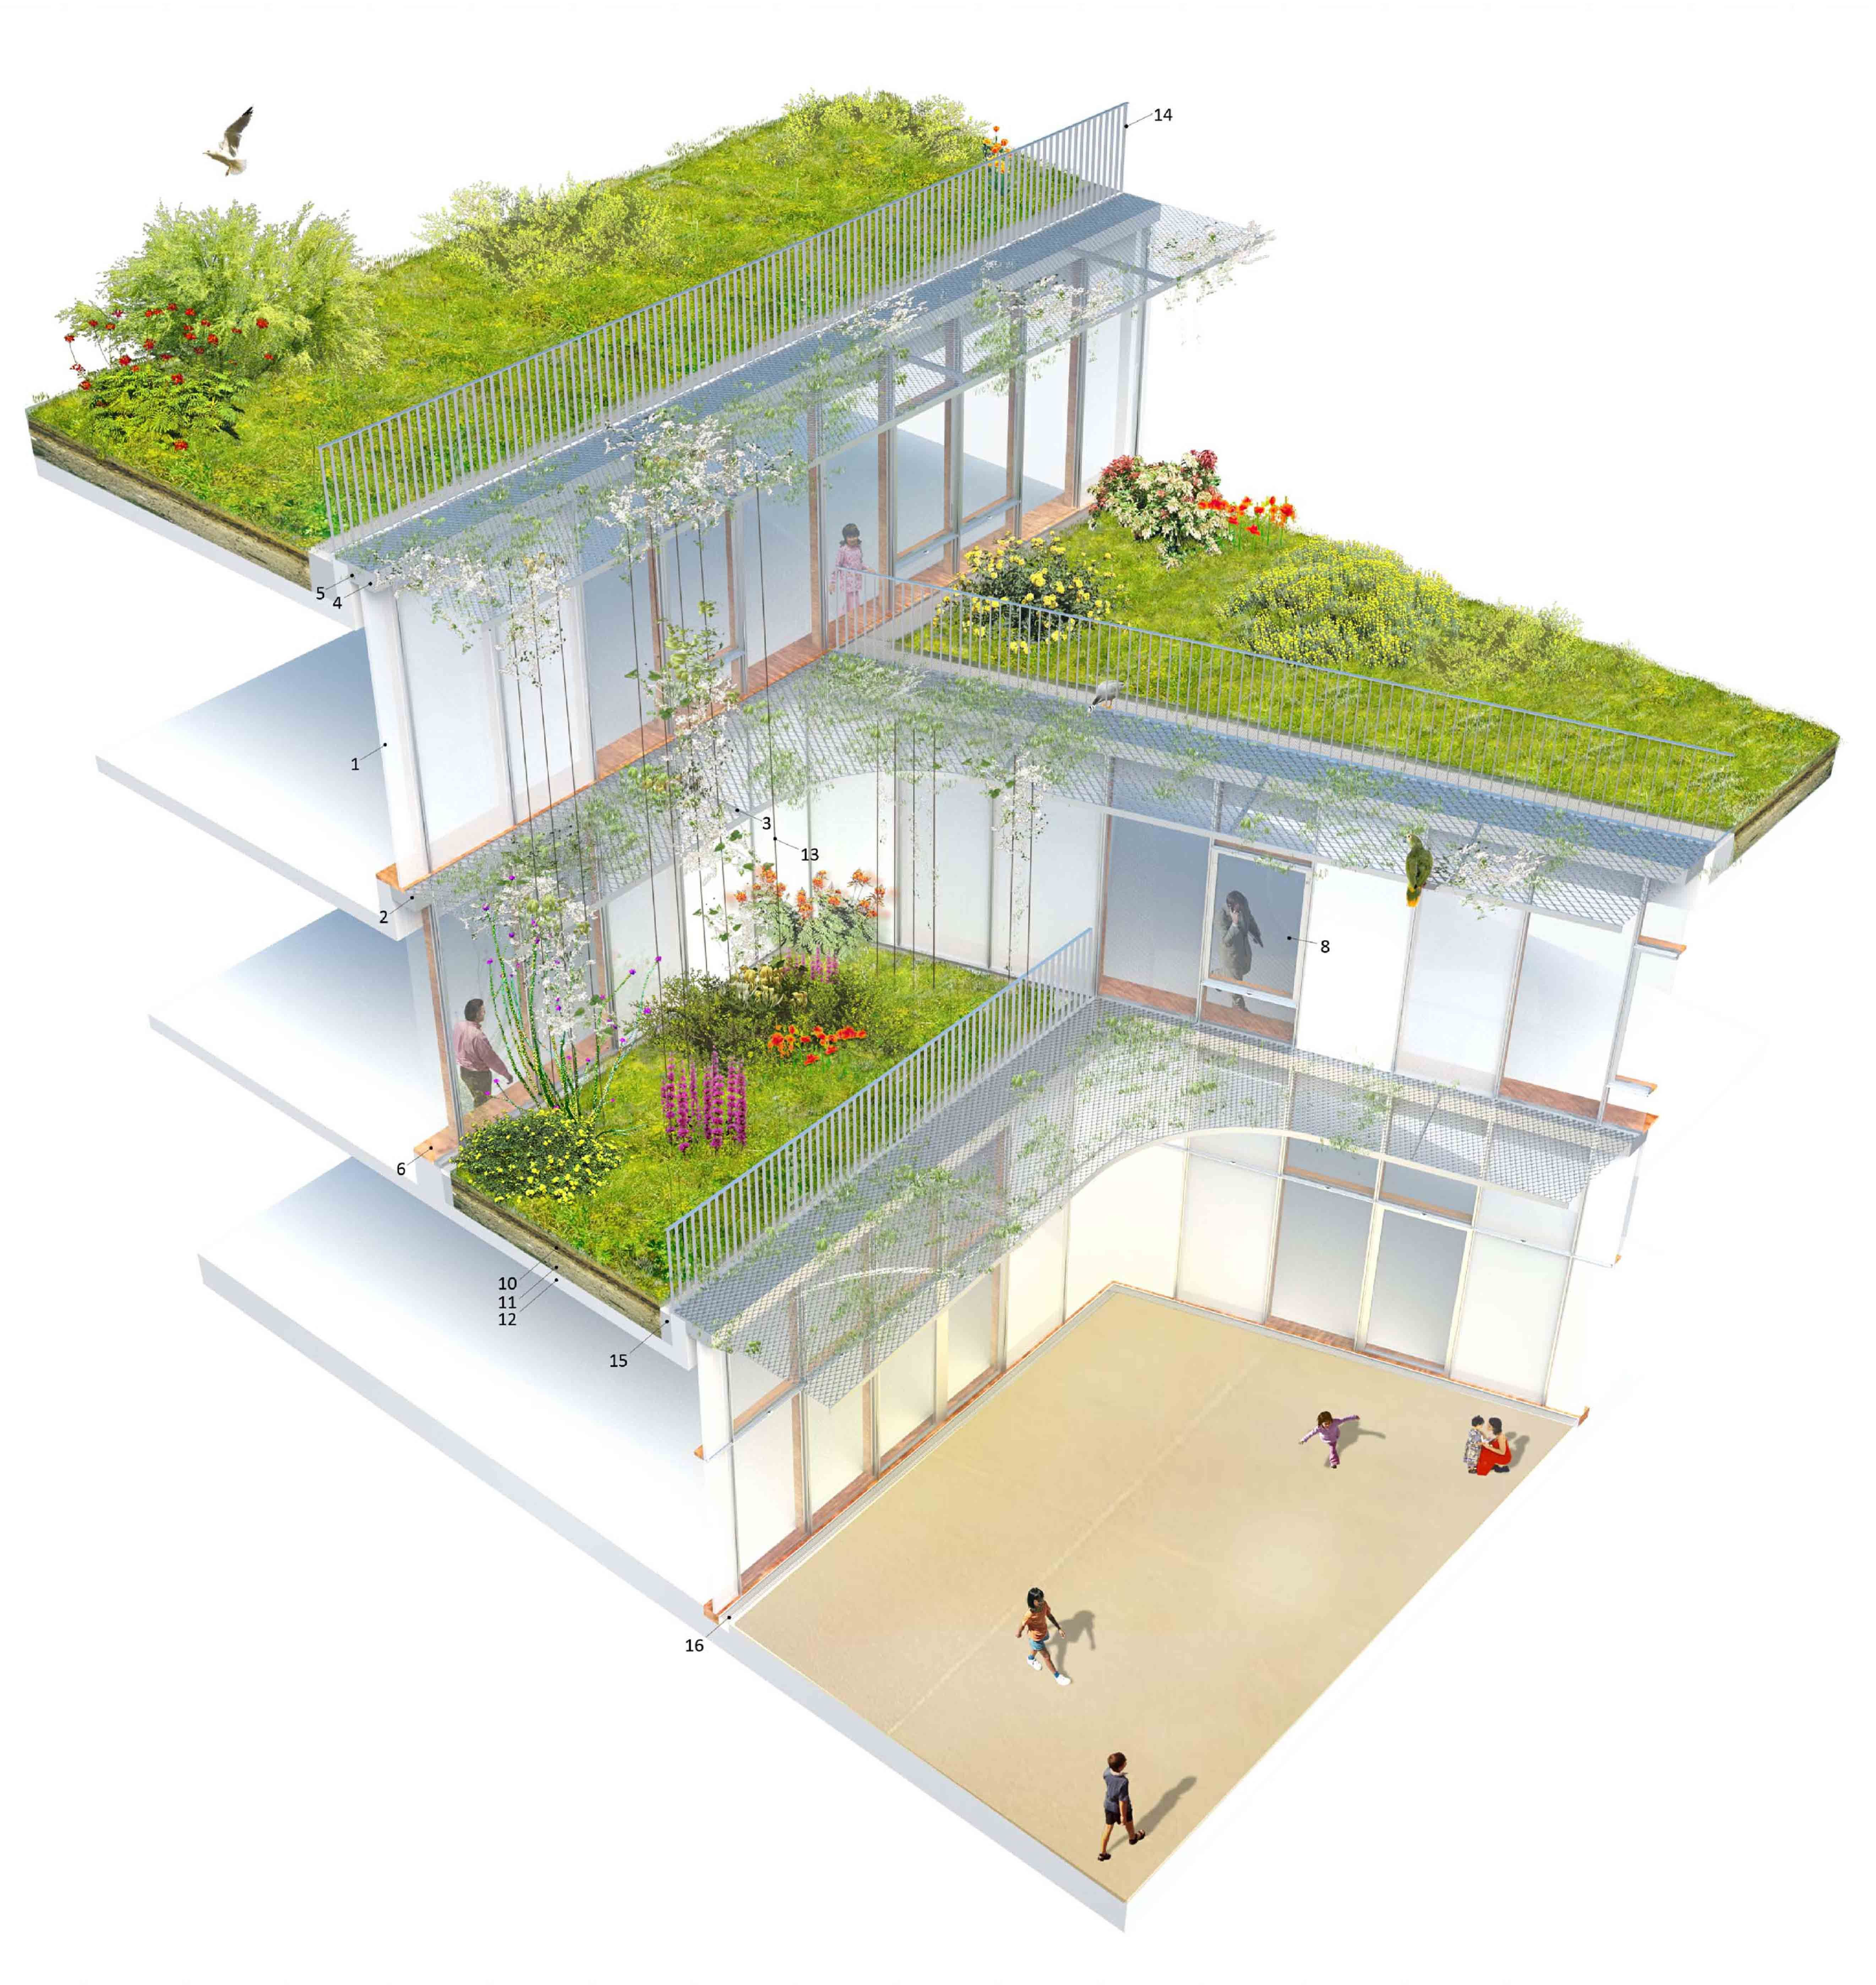 resultado de imagem para residencia de estudiantes arquitectura bioclimatica pinterest. Black Bedroom Furniture Sets. Home Design Ideas